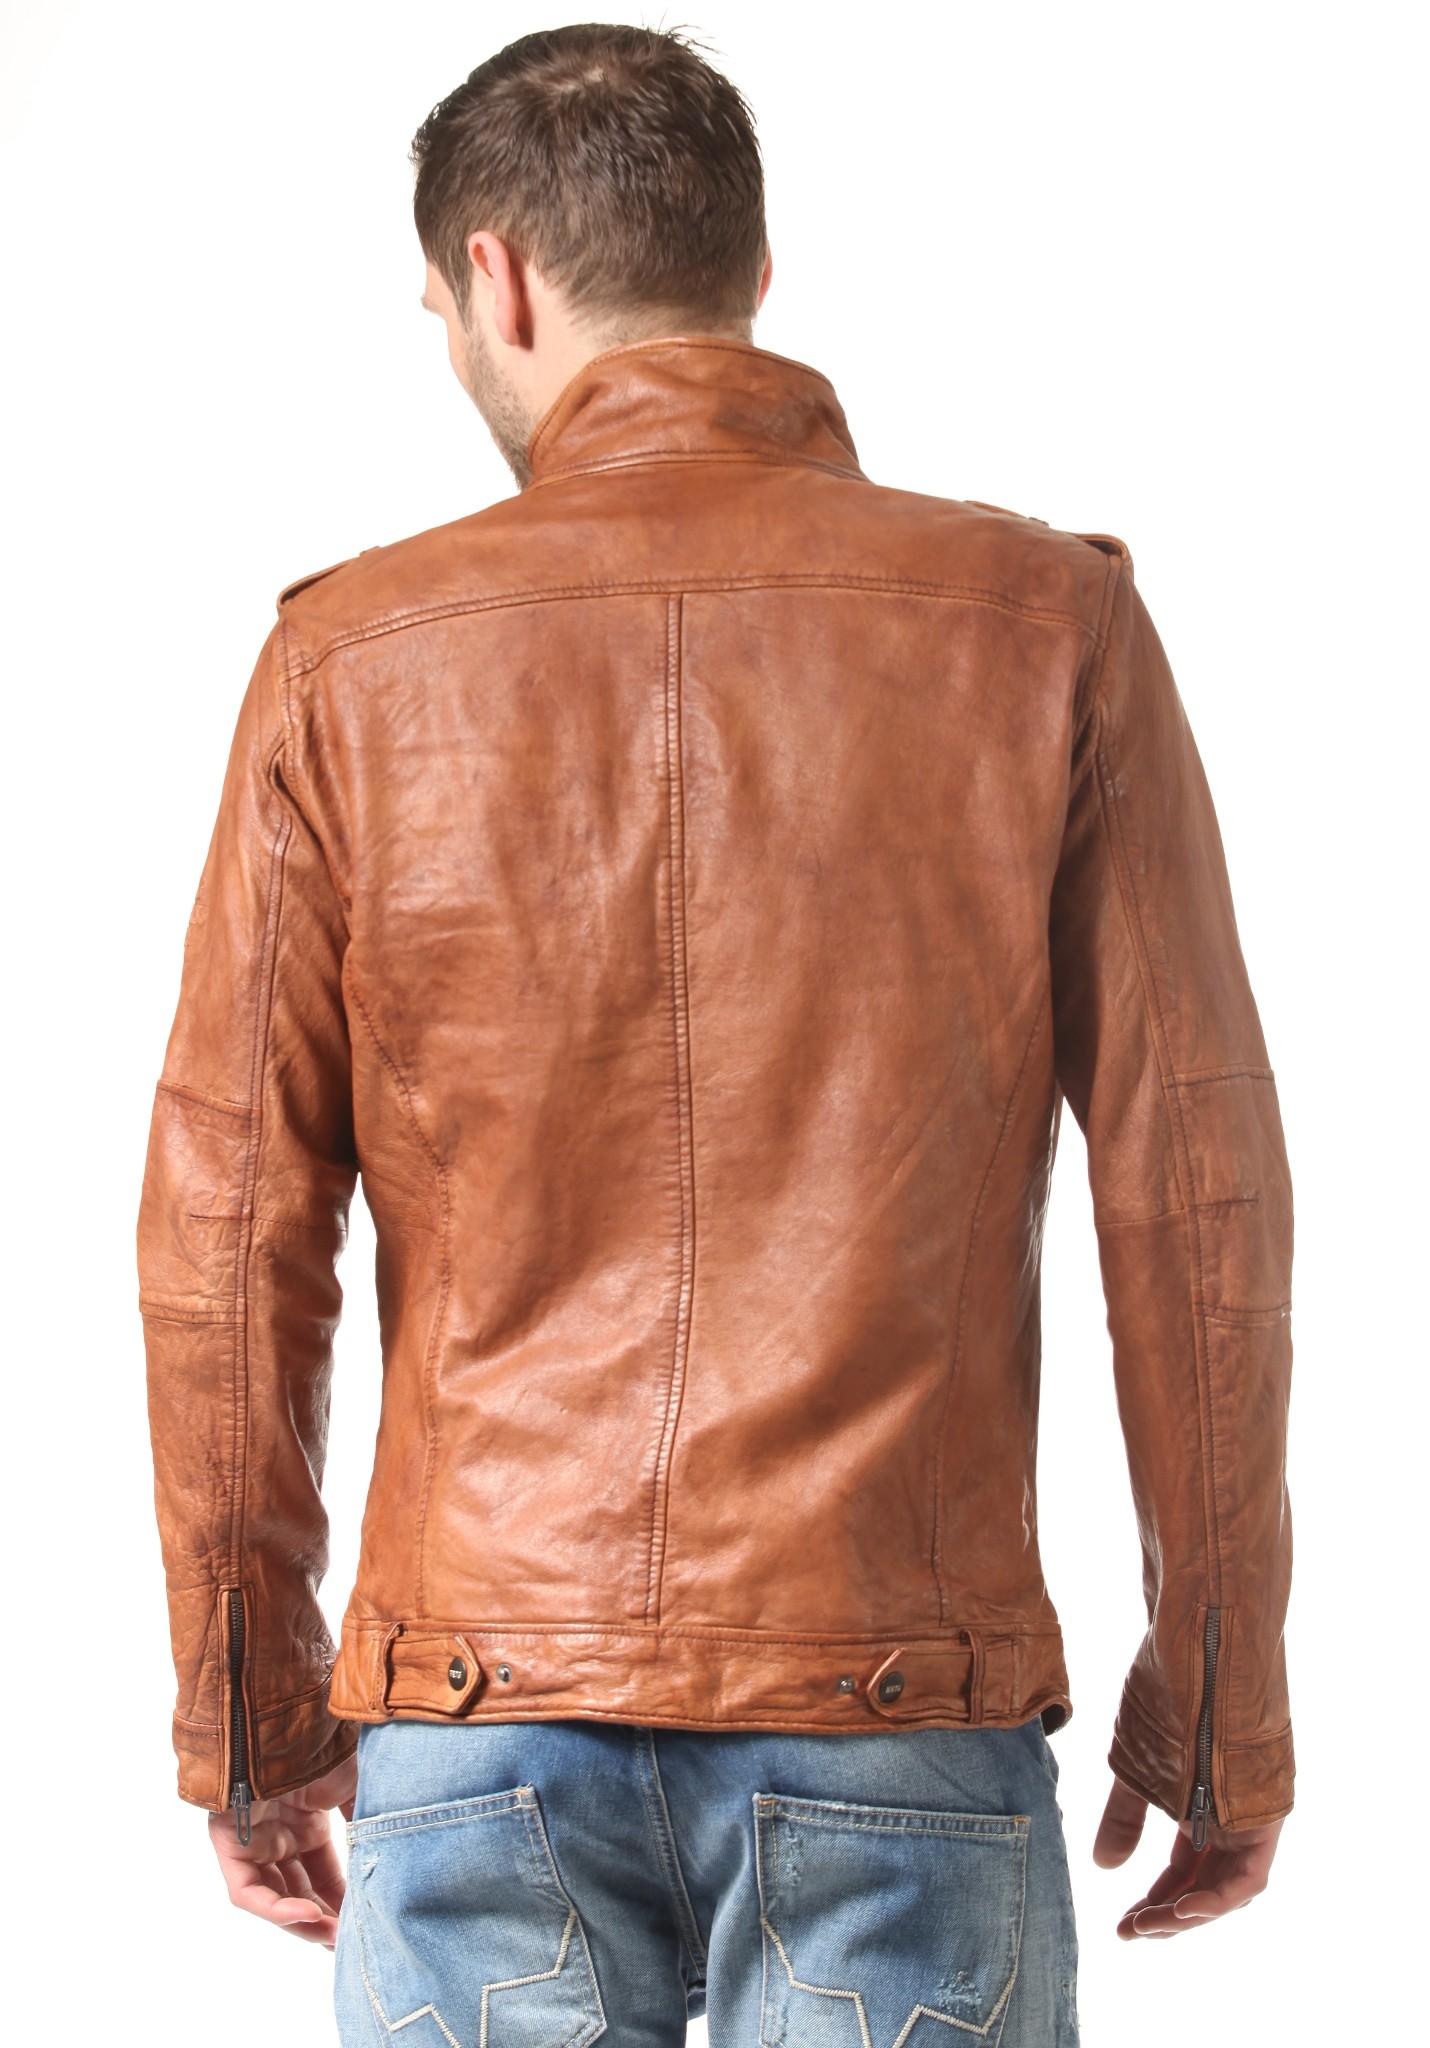 pepe jeans hadley jacket jacke herren div gr en farben ebay. Black Bedroom Furniture Sets. Home Design Ideas